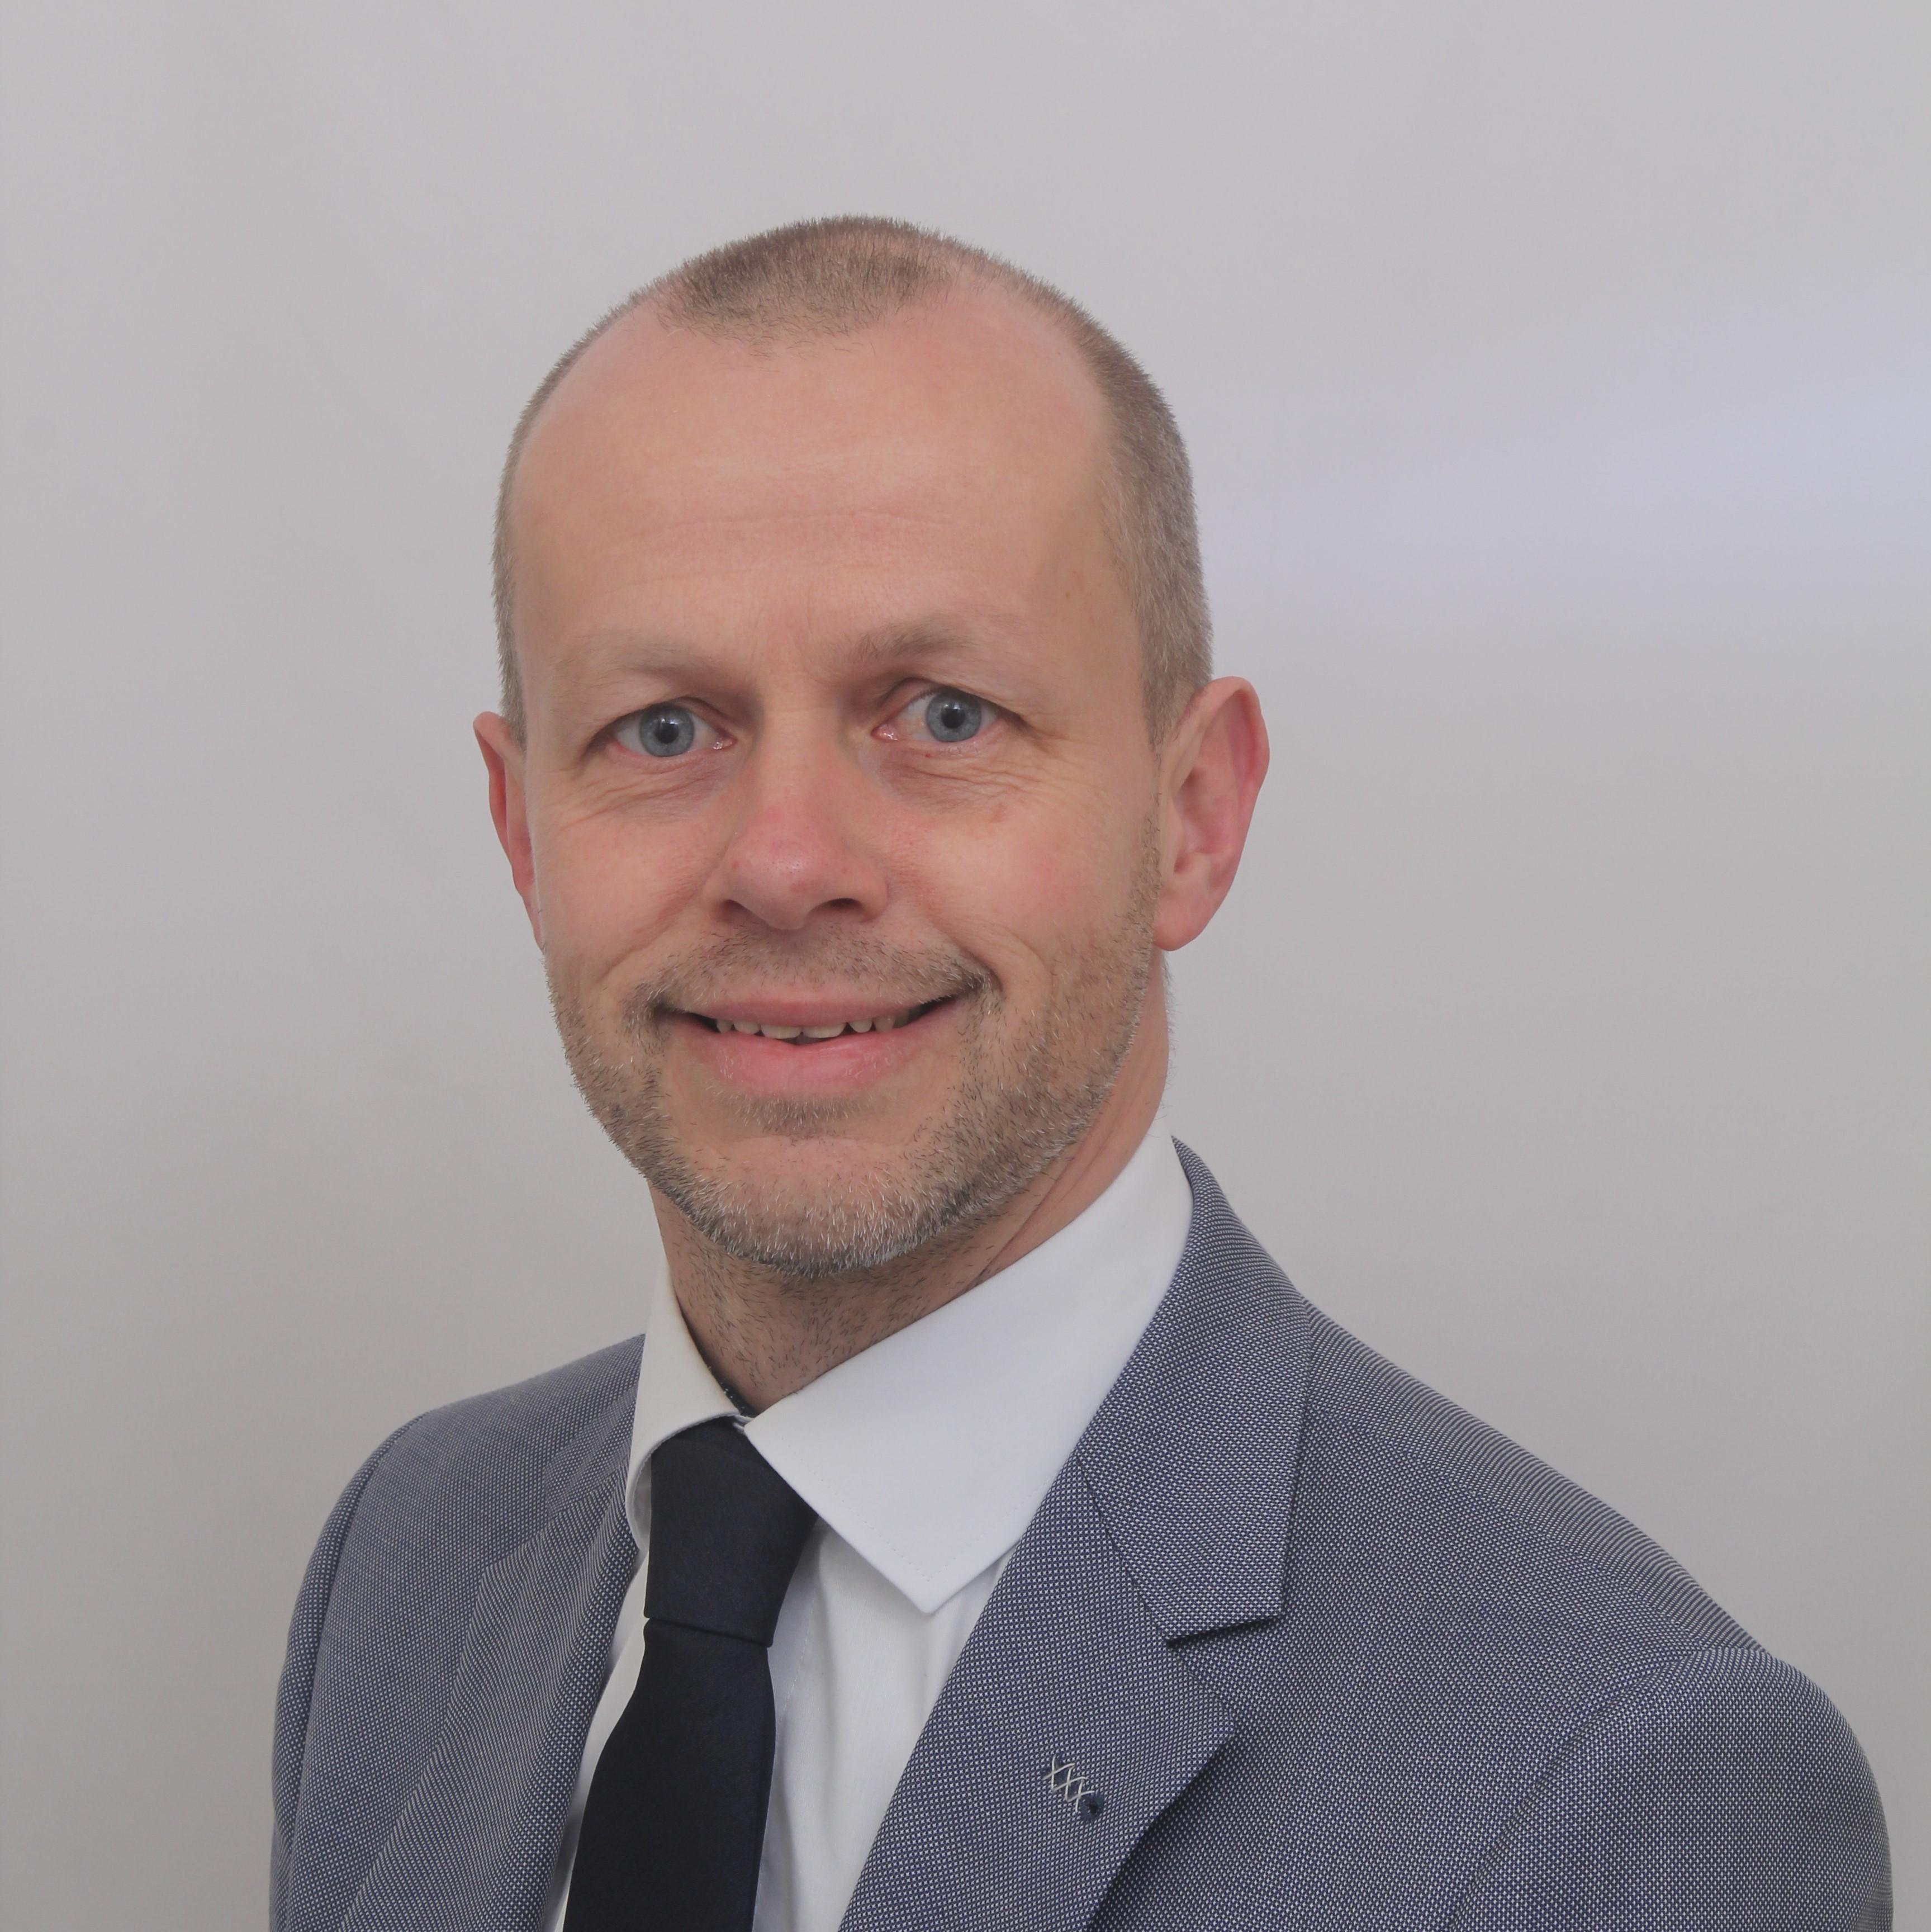 Johan Weggeman